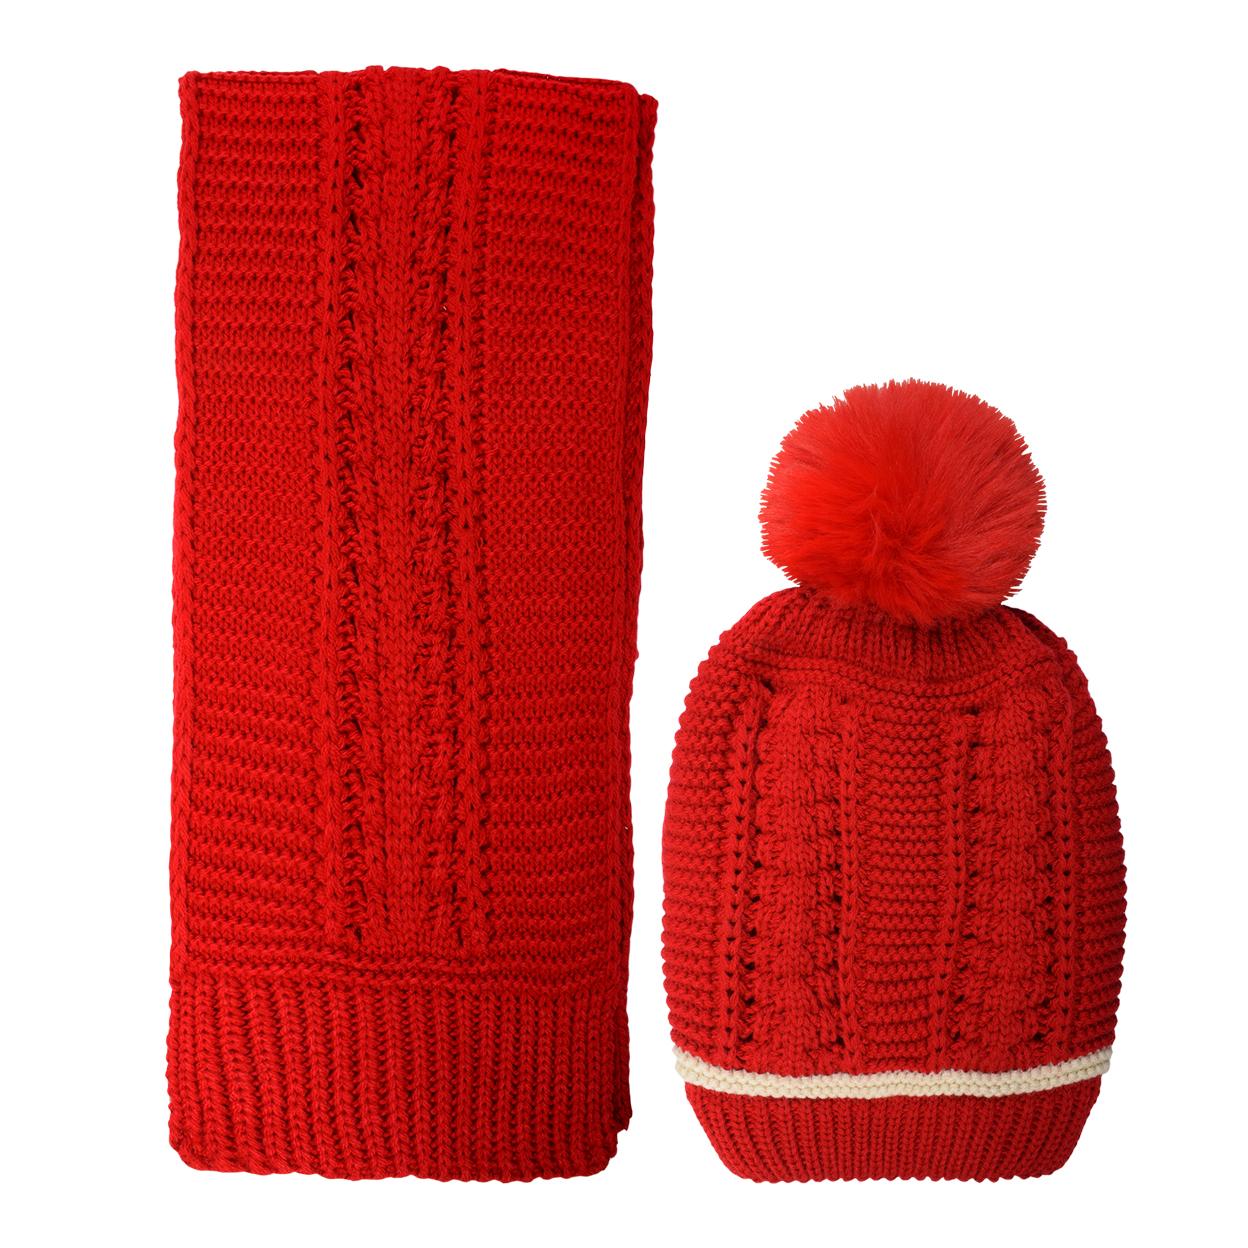 ست کلاه و شال گردن بافتنی دخترانه مدل D4-0215